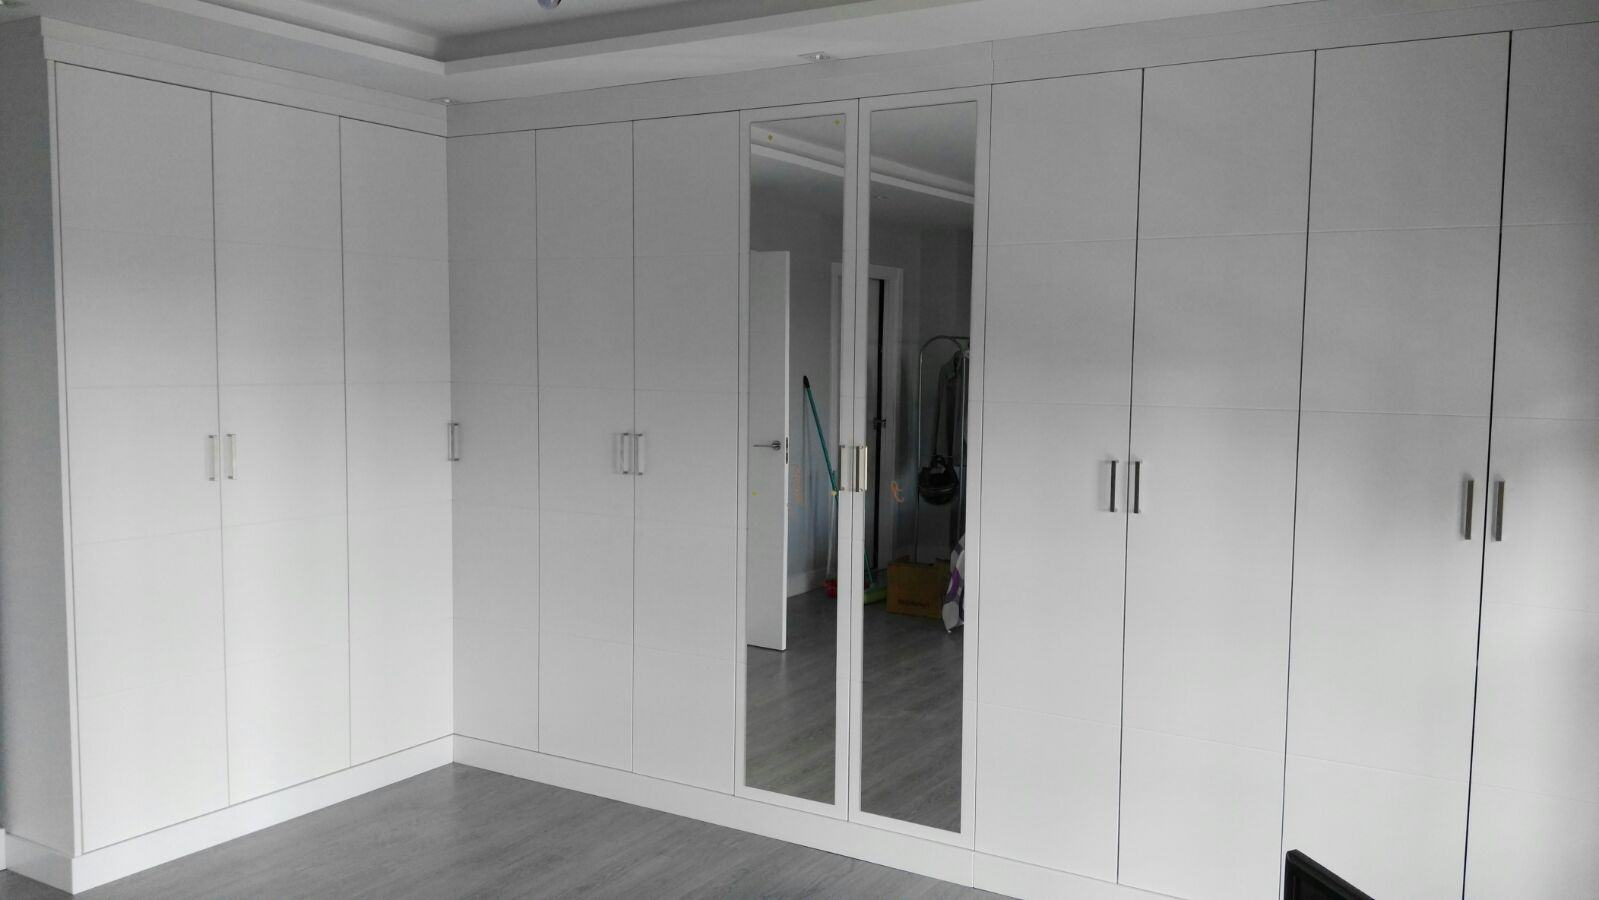 Armarios para dormitorios a medida muebles mudeval - Armarios de dormitorio merkamueble ...